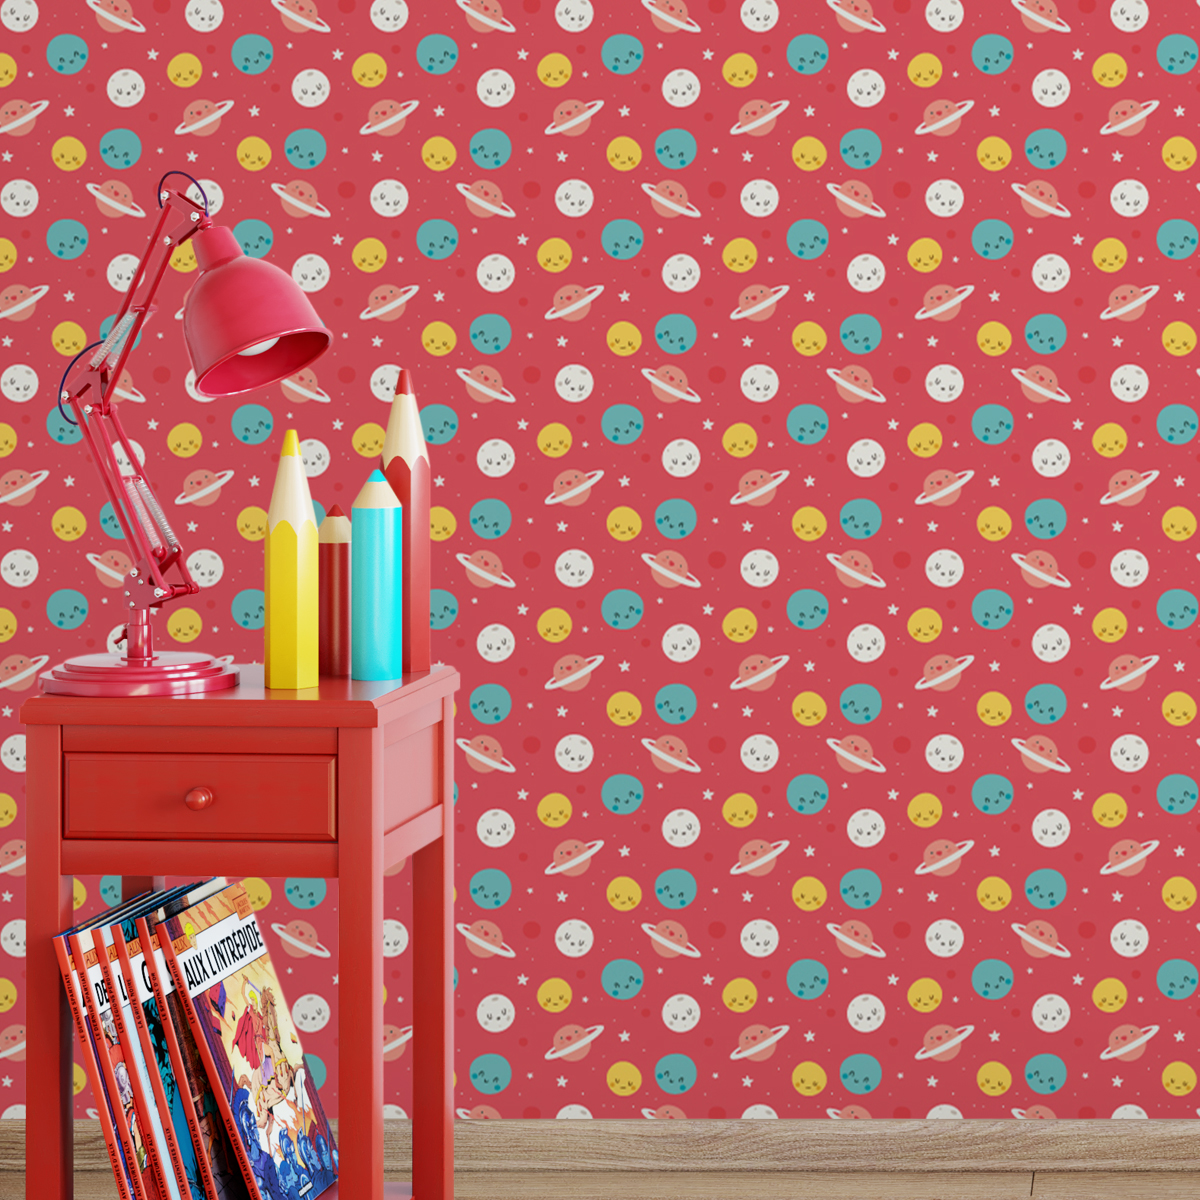 """Kinderzimmer Kindertapete """"Planeten Zauber"""" in rot für Astronauten Wandgestaltung"""